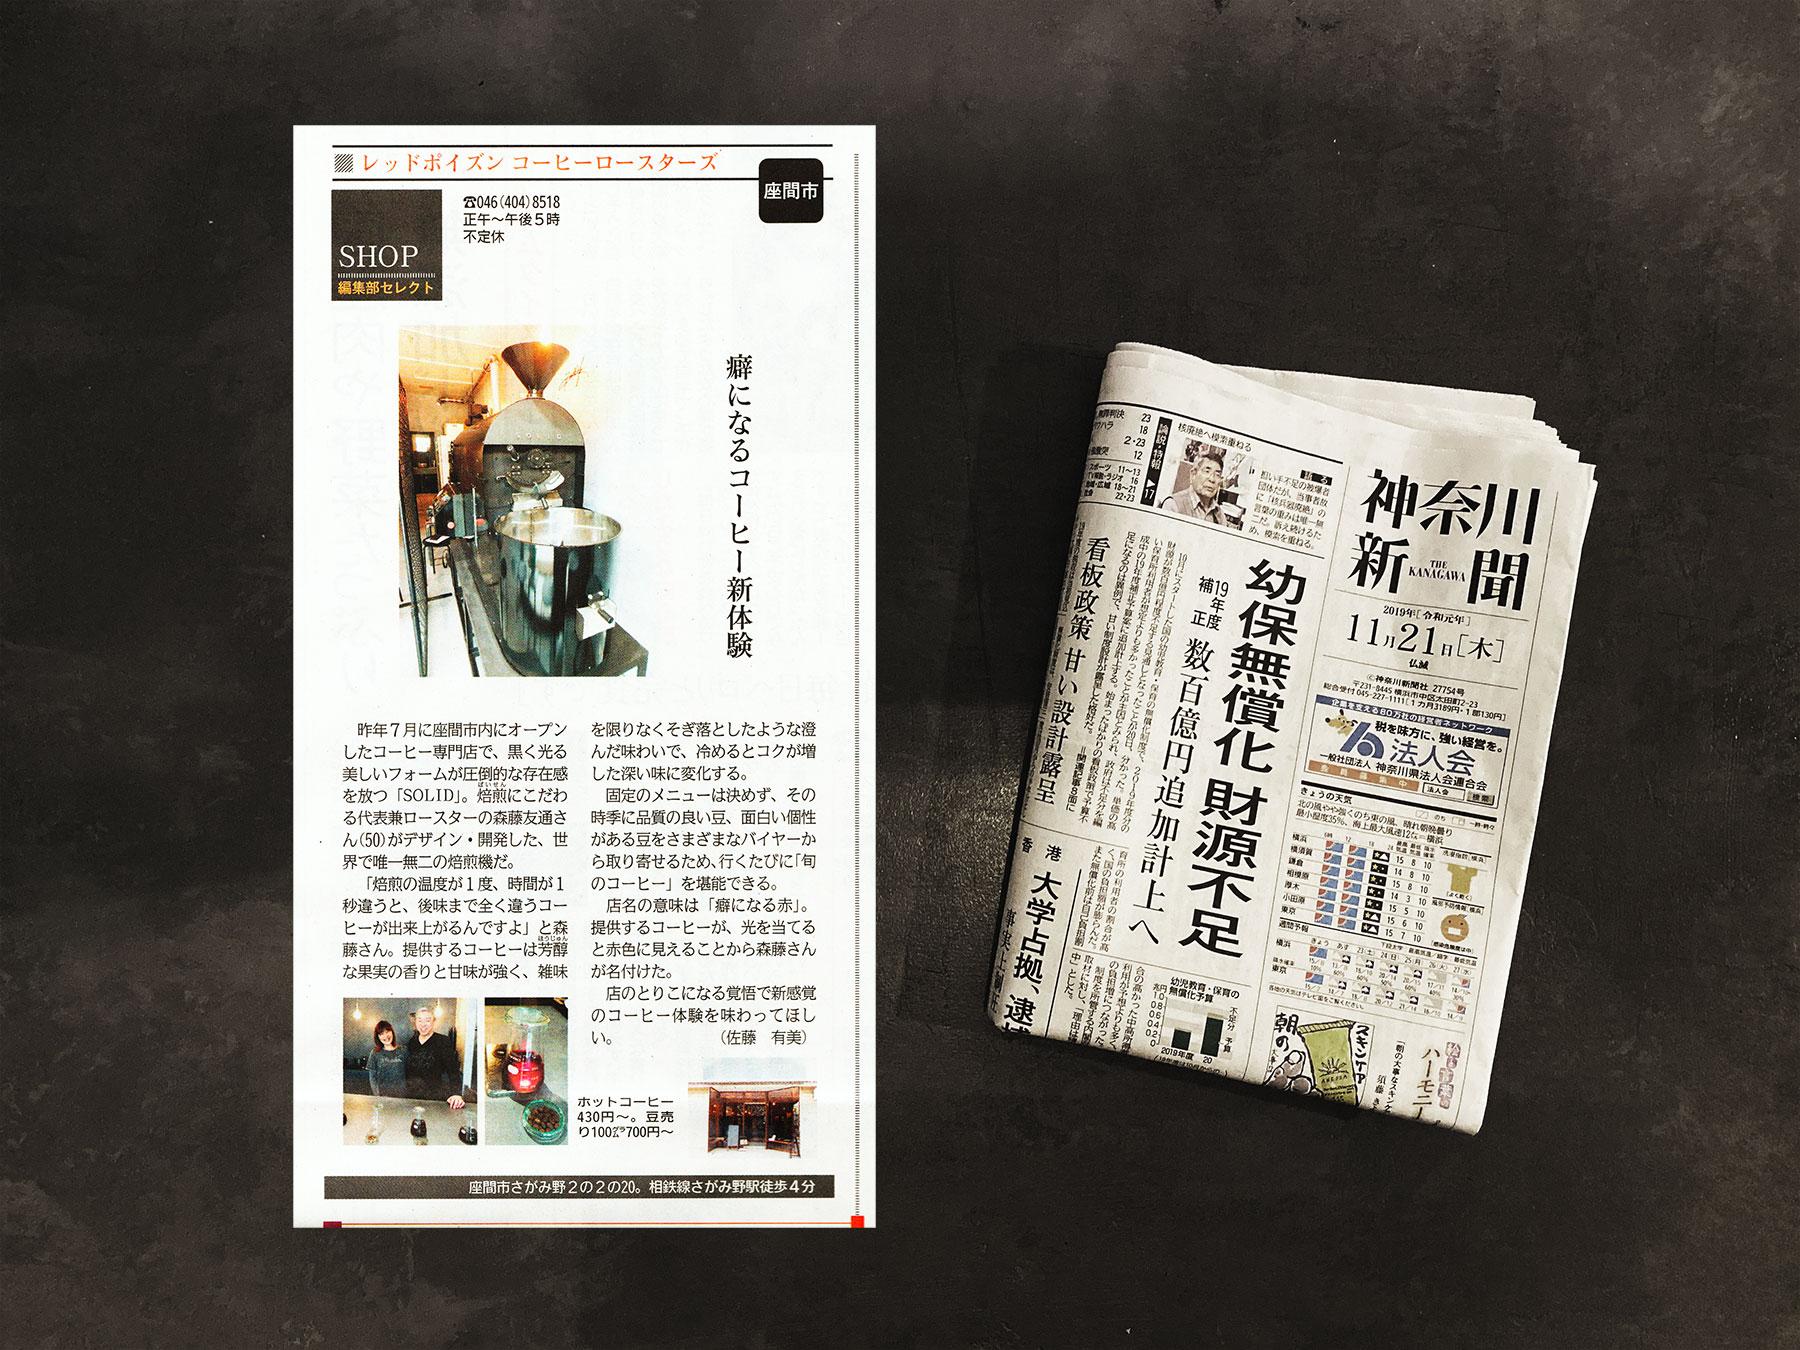 メディア掲載!【神奈川新聞 2019年11月21日 朝刊】編集部セレクト!RED POISON COFFEE ROASTERS